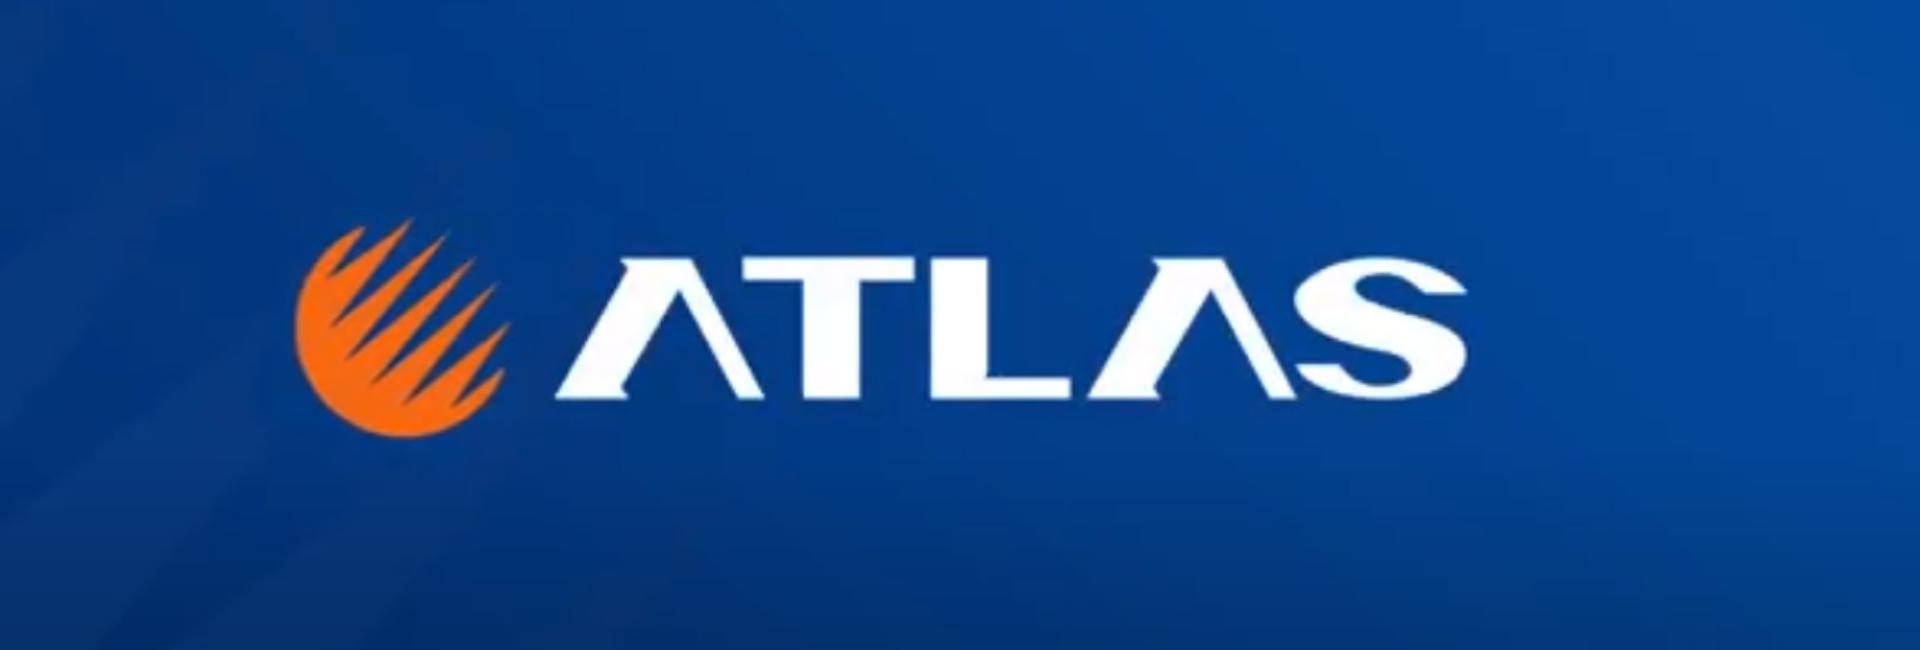 Fogão Atlas é bom? Confira 10 opções para comprar em 2020